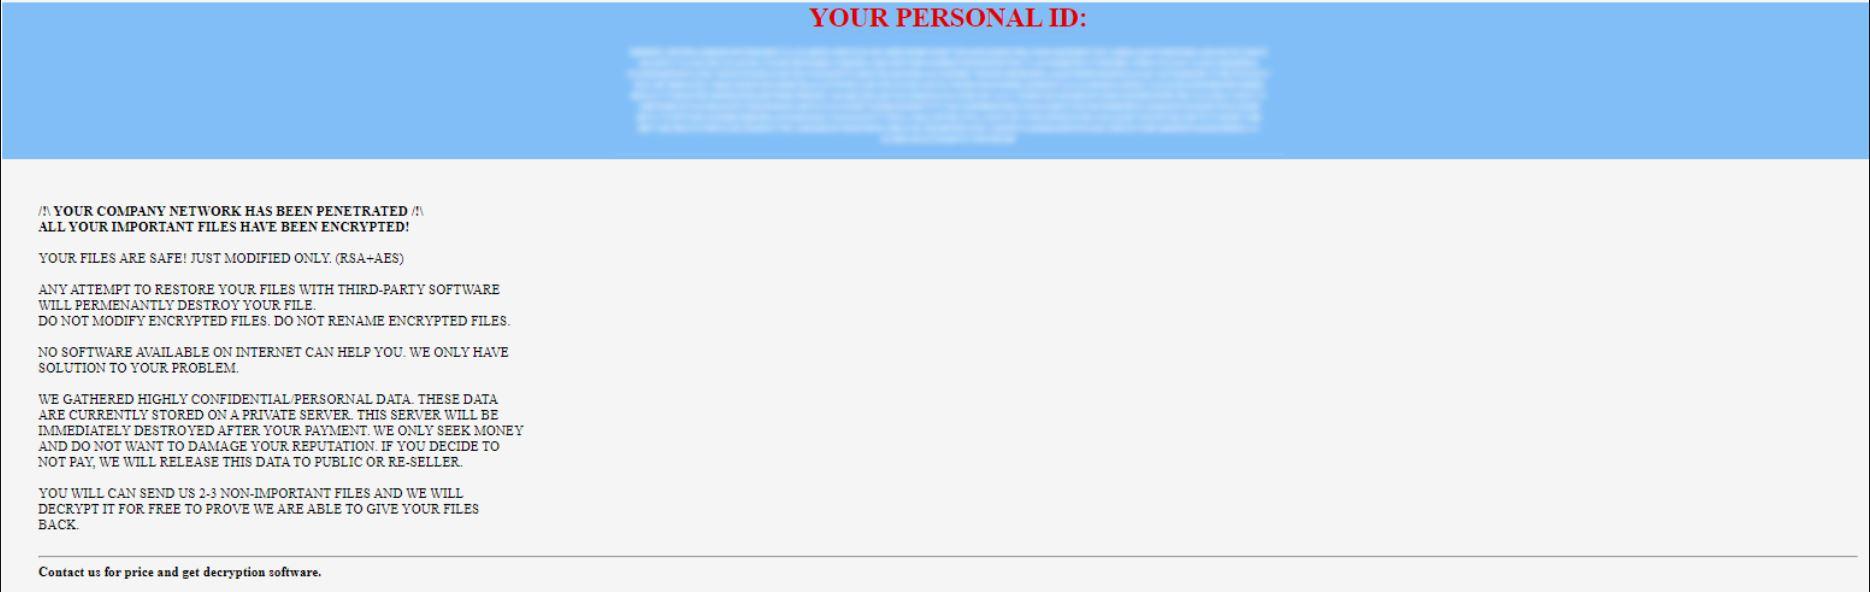 bb virus medusalocker ransomware note